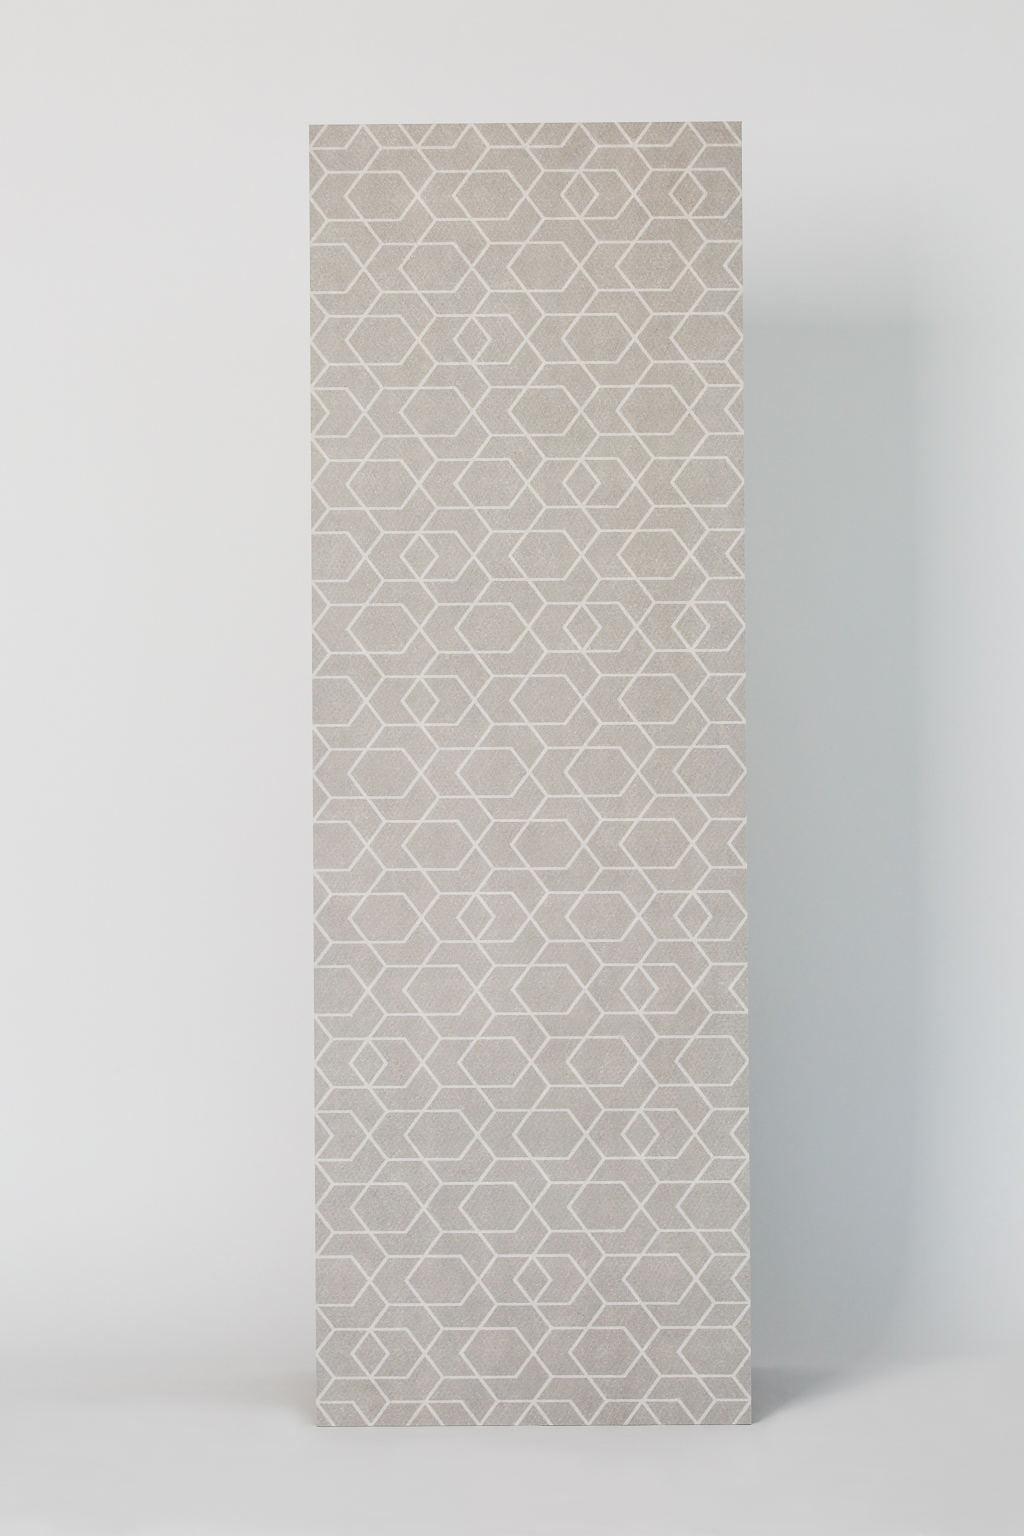 Płytka gresowa, dekoracyjna, matowa, ścienna, 40x120cm, imitacja tkaniny - Ape Cerámica, CLICK zeep mist